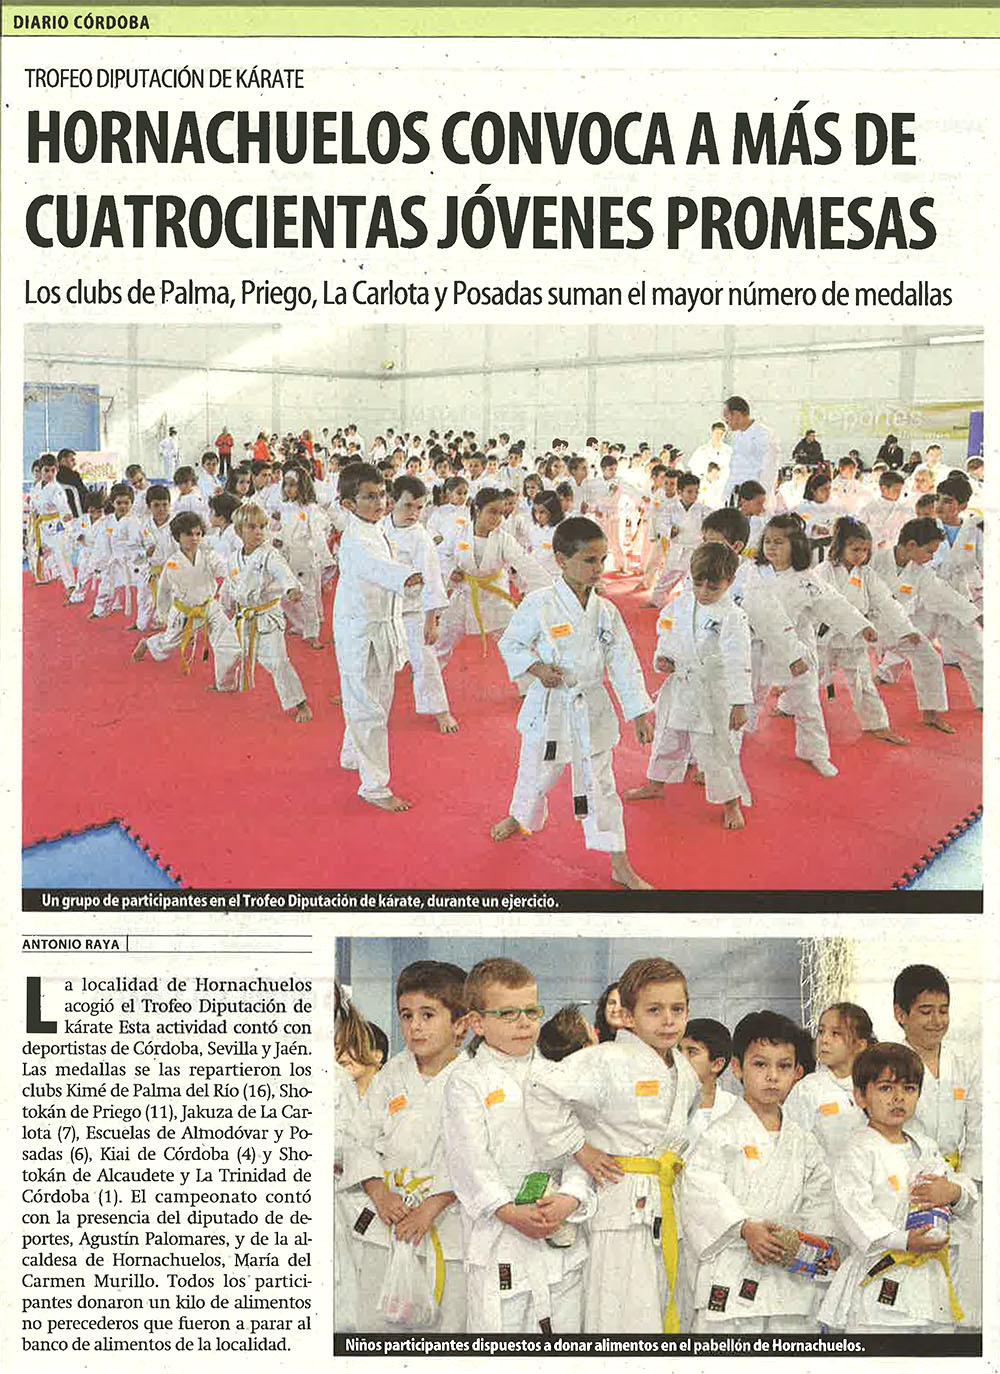 20131127_trofeo_diputacion_karate